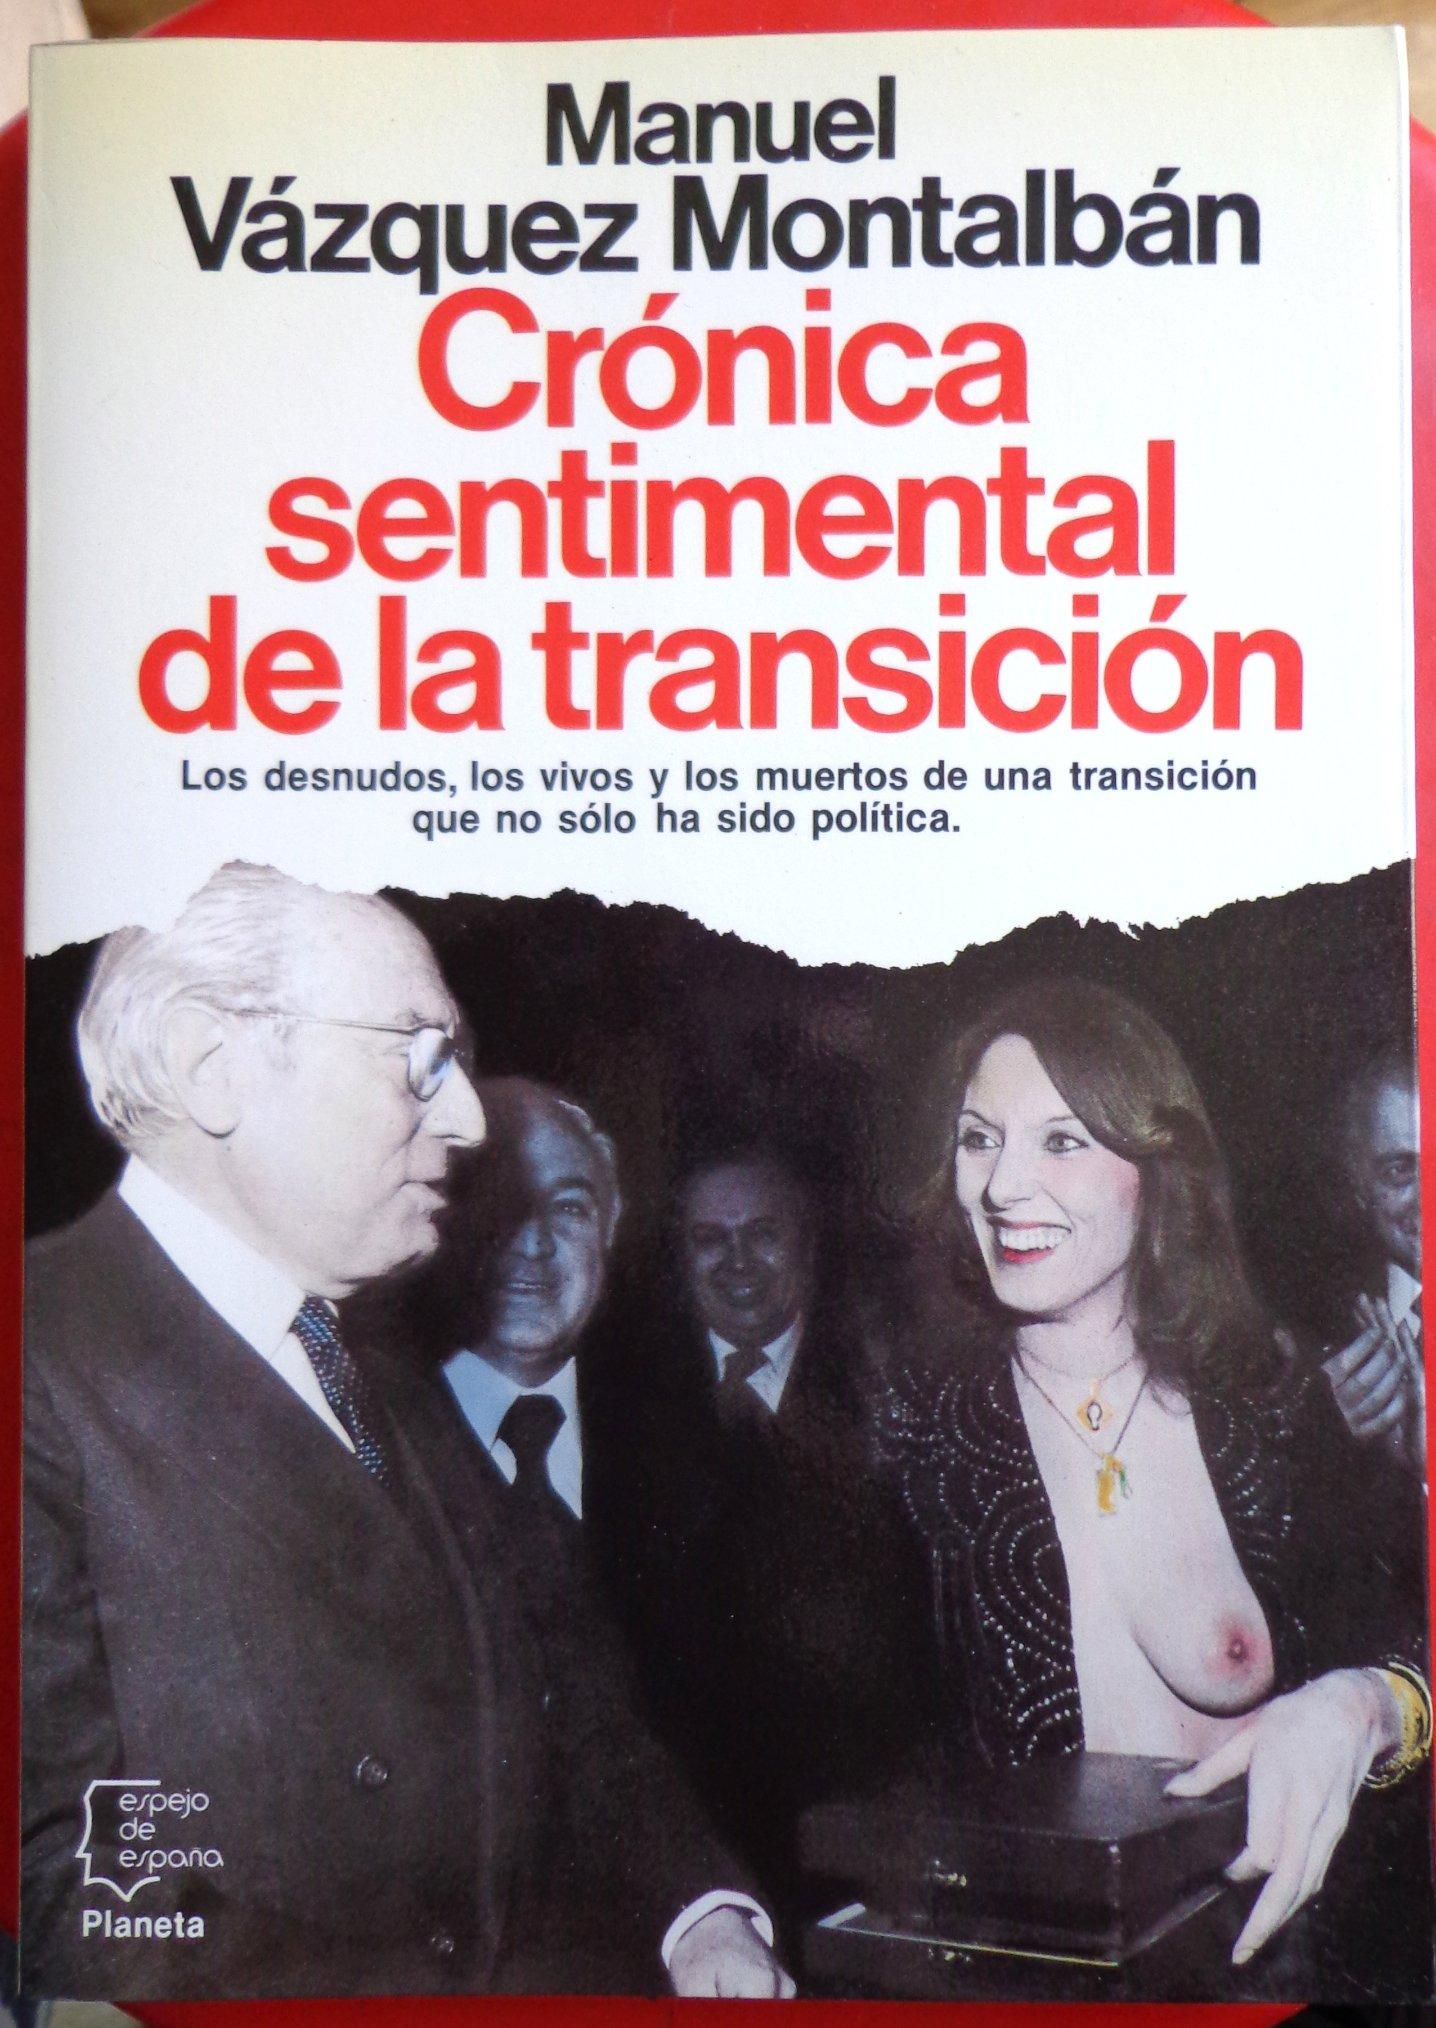 Cronica sentimental de la transicion Espejo de España: Amazon.es: Vázquez Montalbán, Manuel: Libros